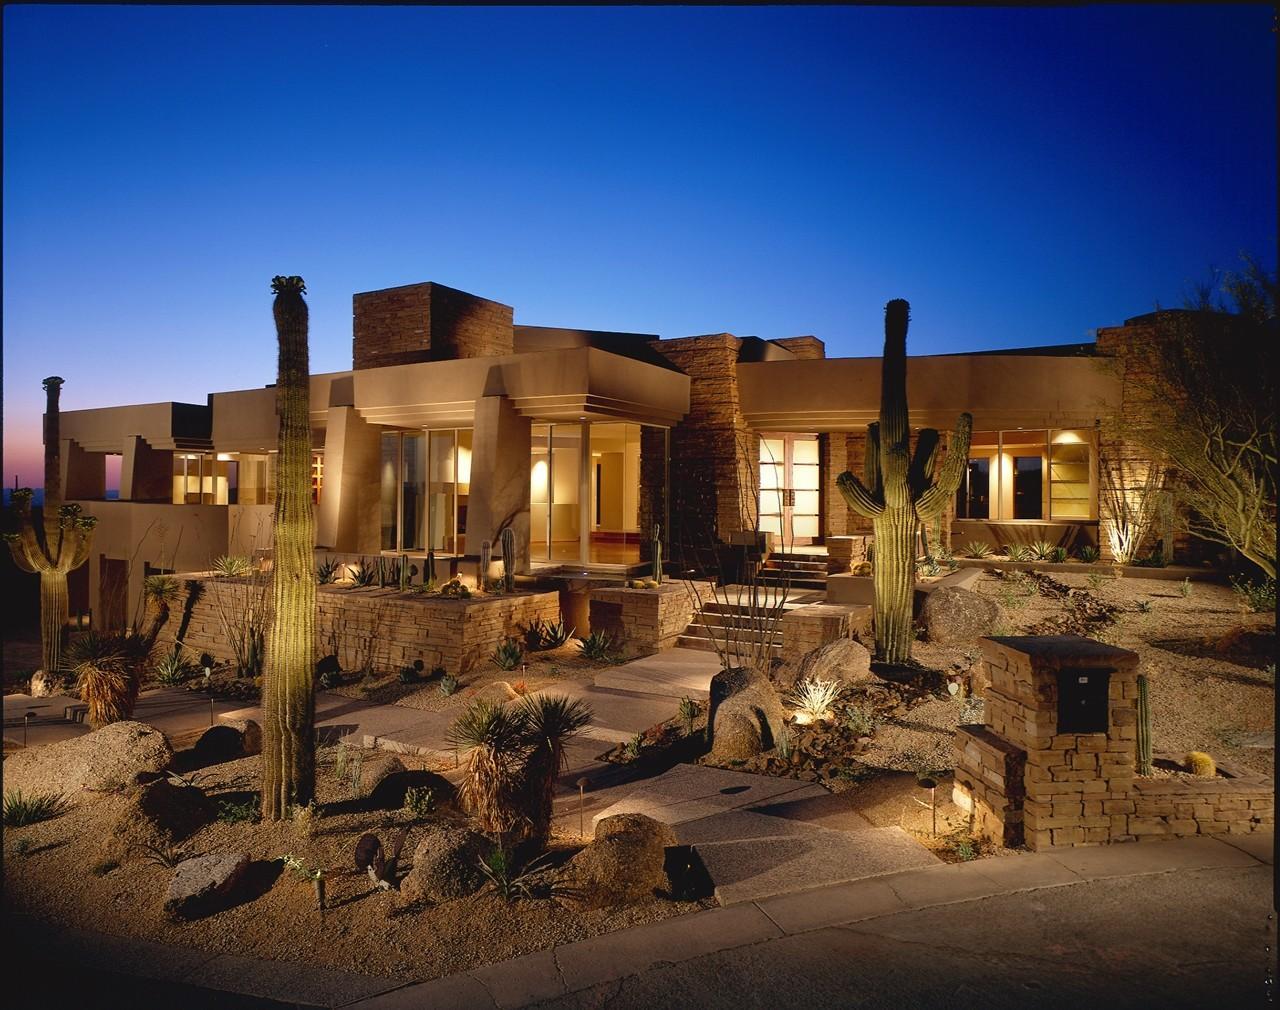 Gallery Arizona Desert House